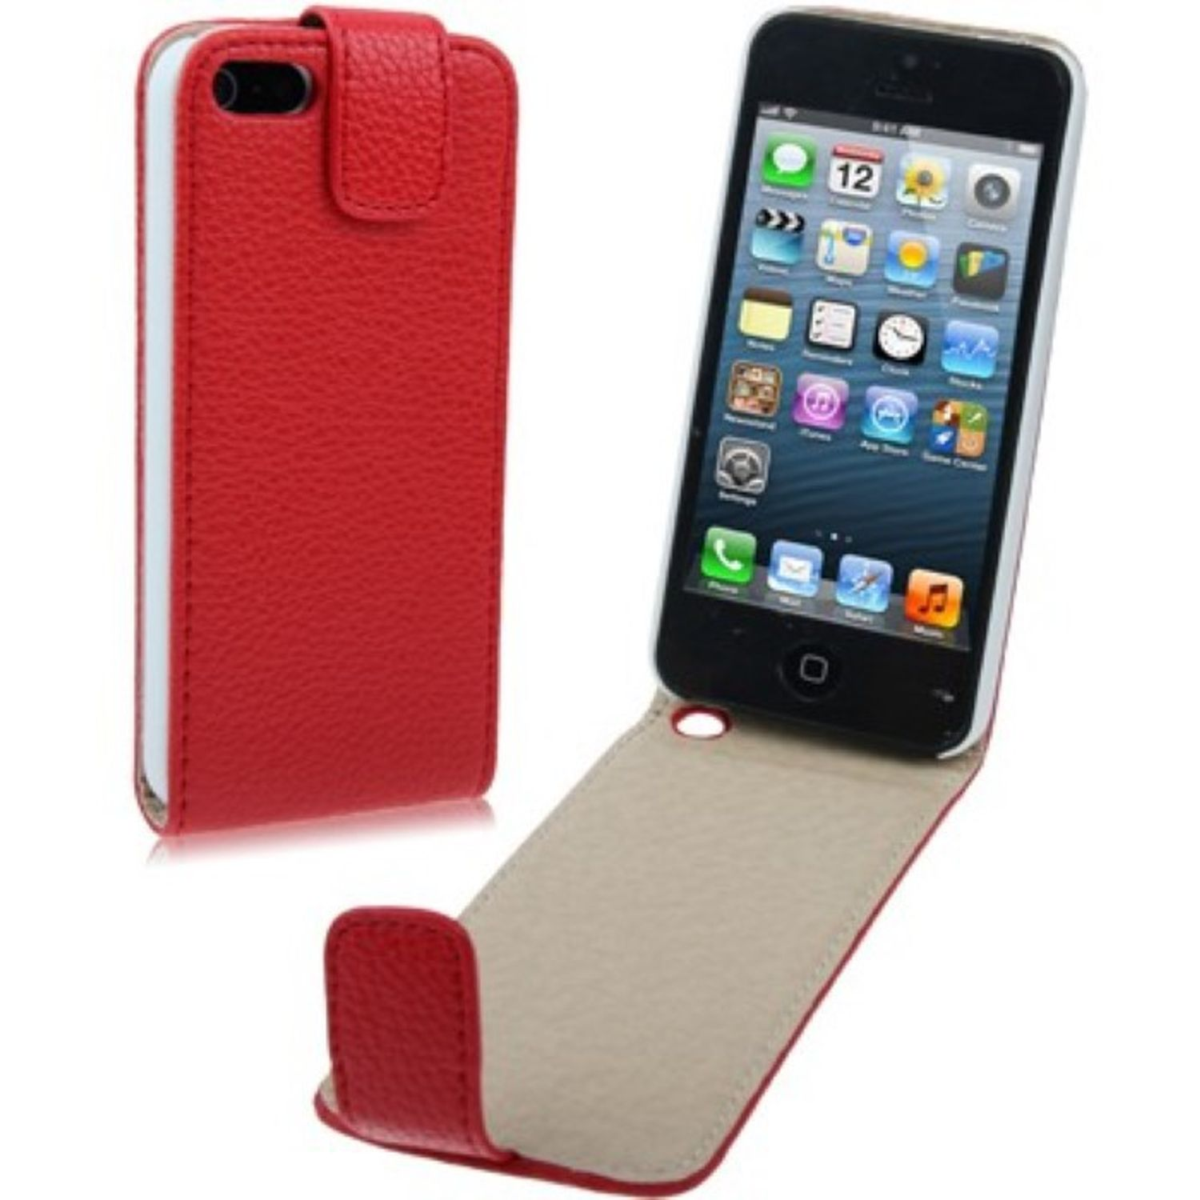 Tasche Handyhülle Hülle für Handy Apple iPhone 5 / 5s